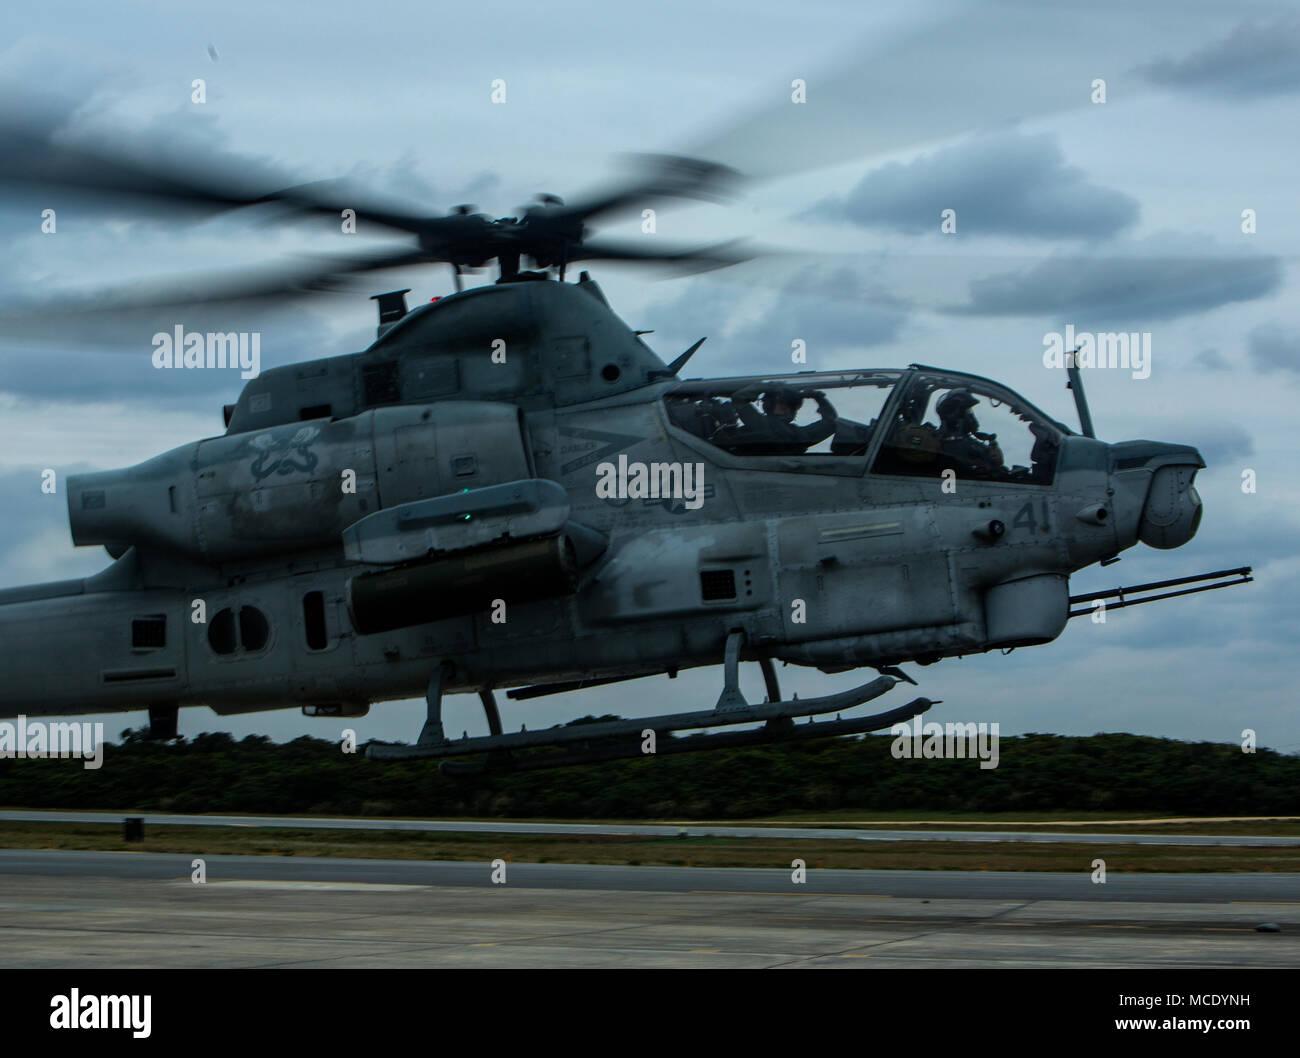 Kapitän Justin S. Morrison und Kapitän Kyle T. Myer startet in eine AH-1Z Viper beim Tragen der Gemeinsamen schützende Aircrew Ensemble (JPACE) und Atemschutz Ausrüstung während einer Schulungsveranstaltung auf der Marine Corps Air Station Futenma, Okinawa, Japan, 8. Februar, 2018. Die Schulungsveranstaltung wurde Piloten mit dem JPACE vertraut zu machen. Die JPACE wird den Schutz erhöhen über vorhandene Kleider beim verringern Wärmebelastung und Gewicht. Die Geräte werden chemische Schutz gegen alle Flüssigkeit, Partikelfilter, Dampf und Aerosol aus chemischen, biologischen, radiologischen und nuklearen Substanzen. Morrison und M Stockbild